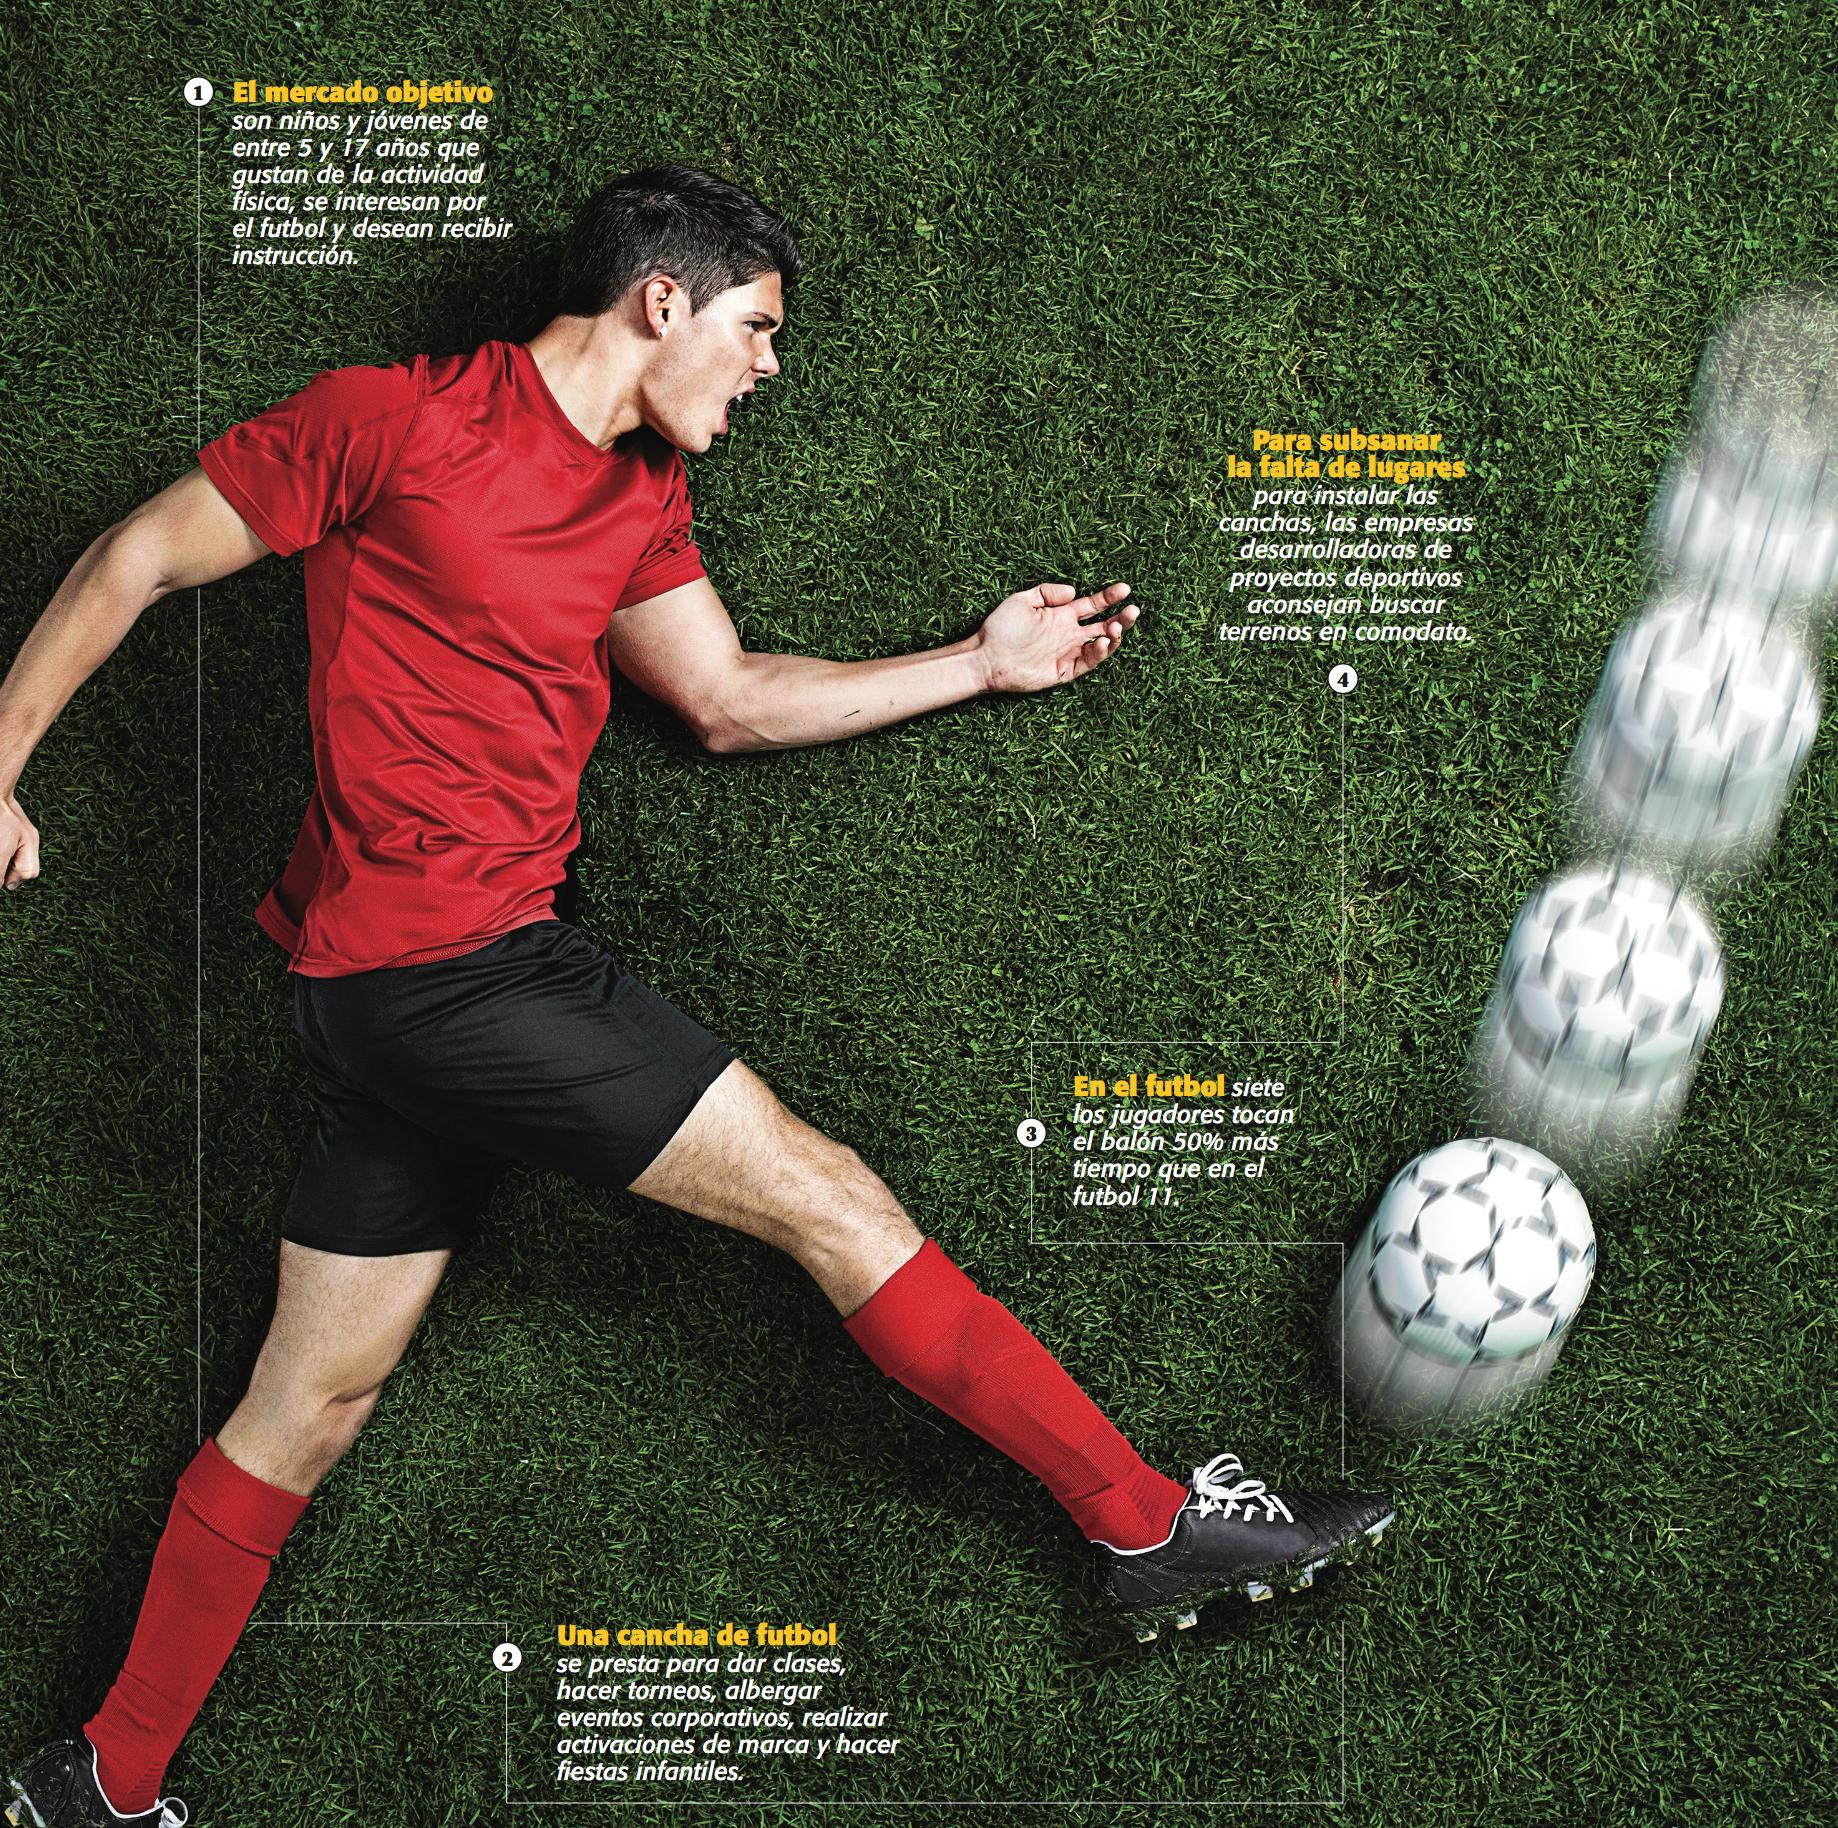 Si a esto añadimos que es futbol el deporte más popular en México e796b80deb0ff